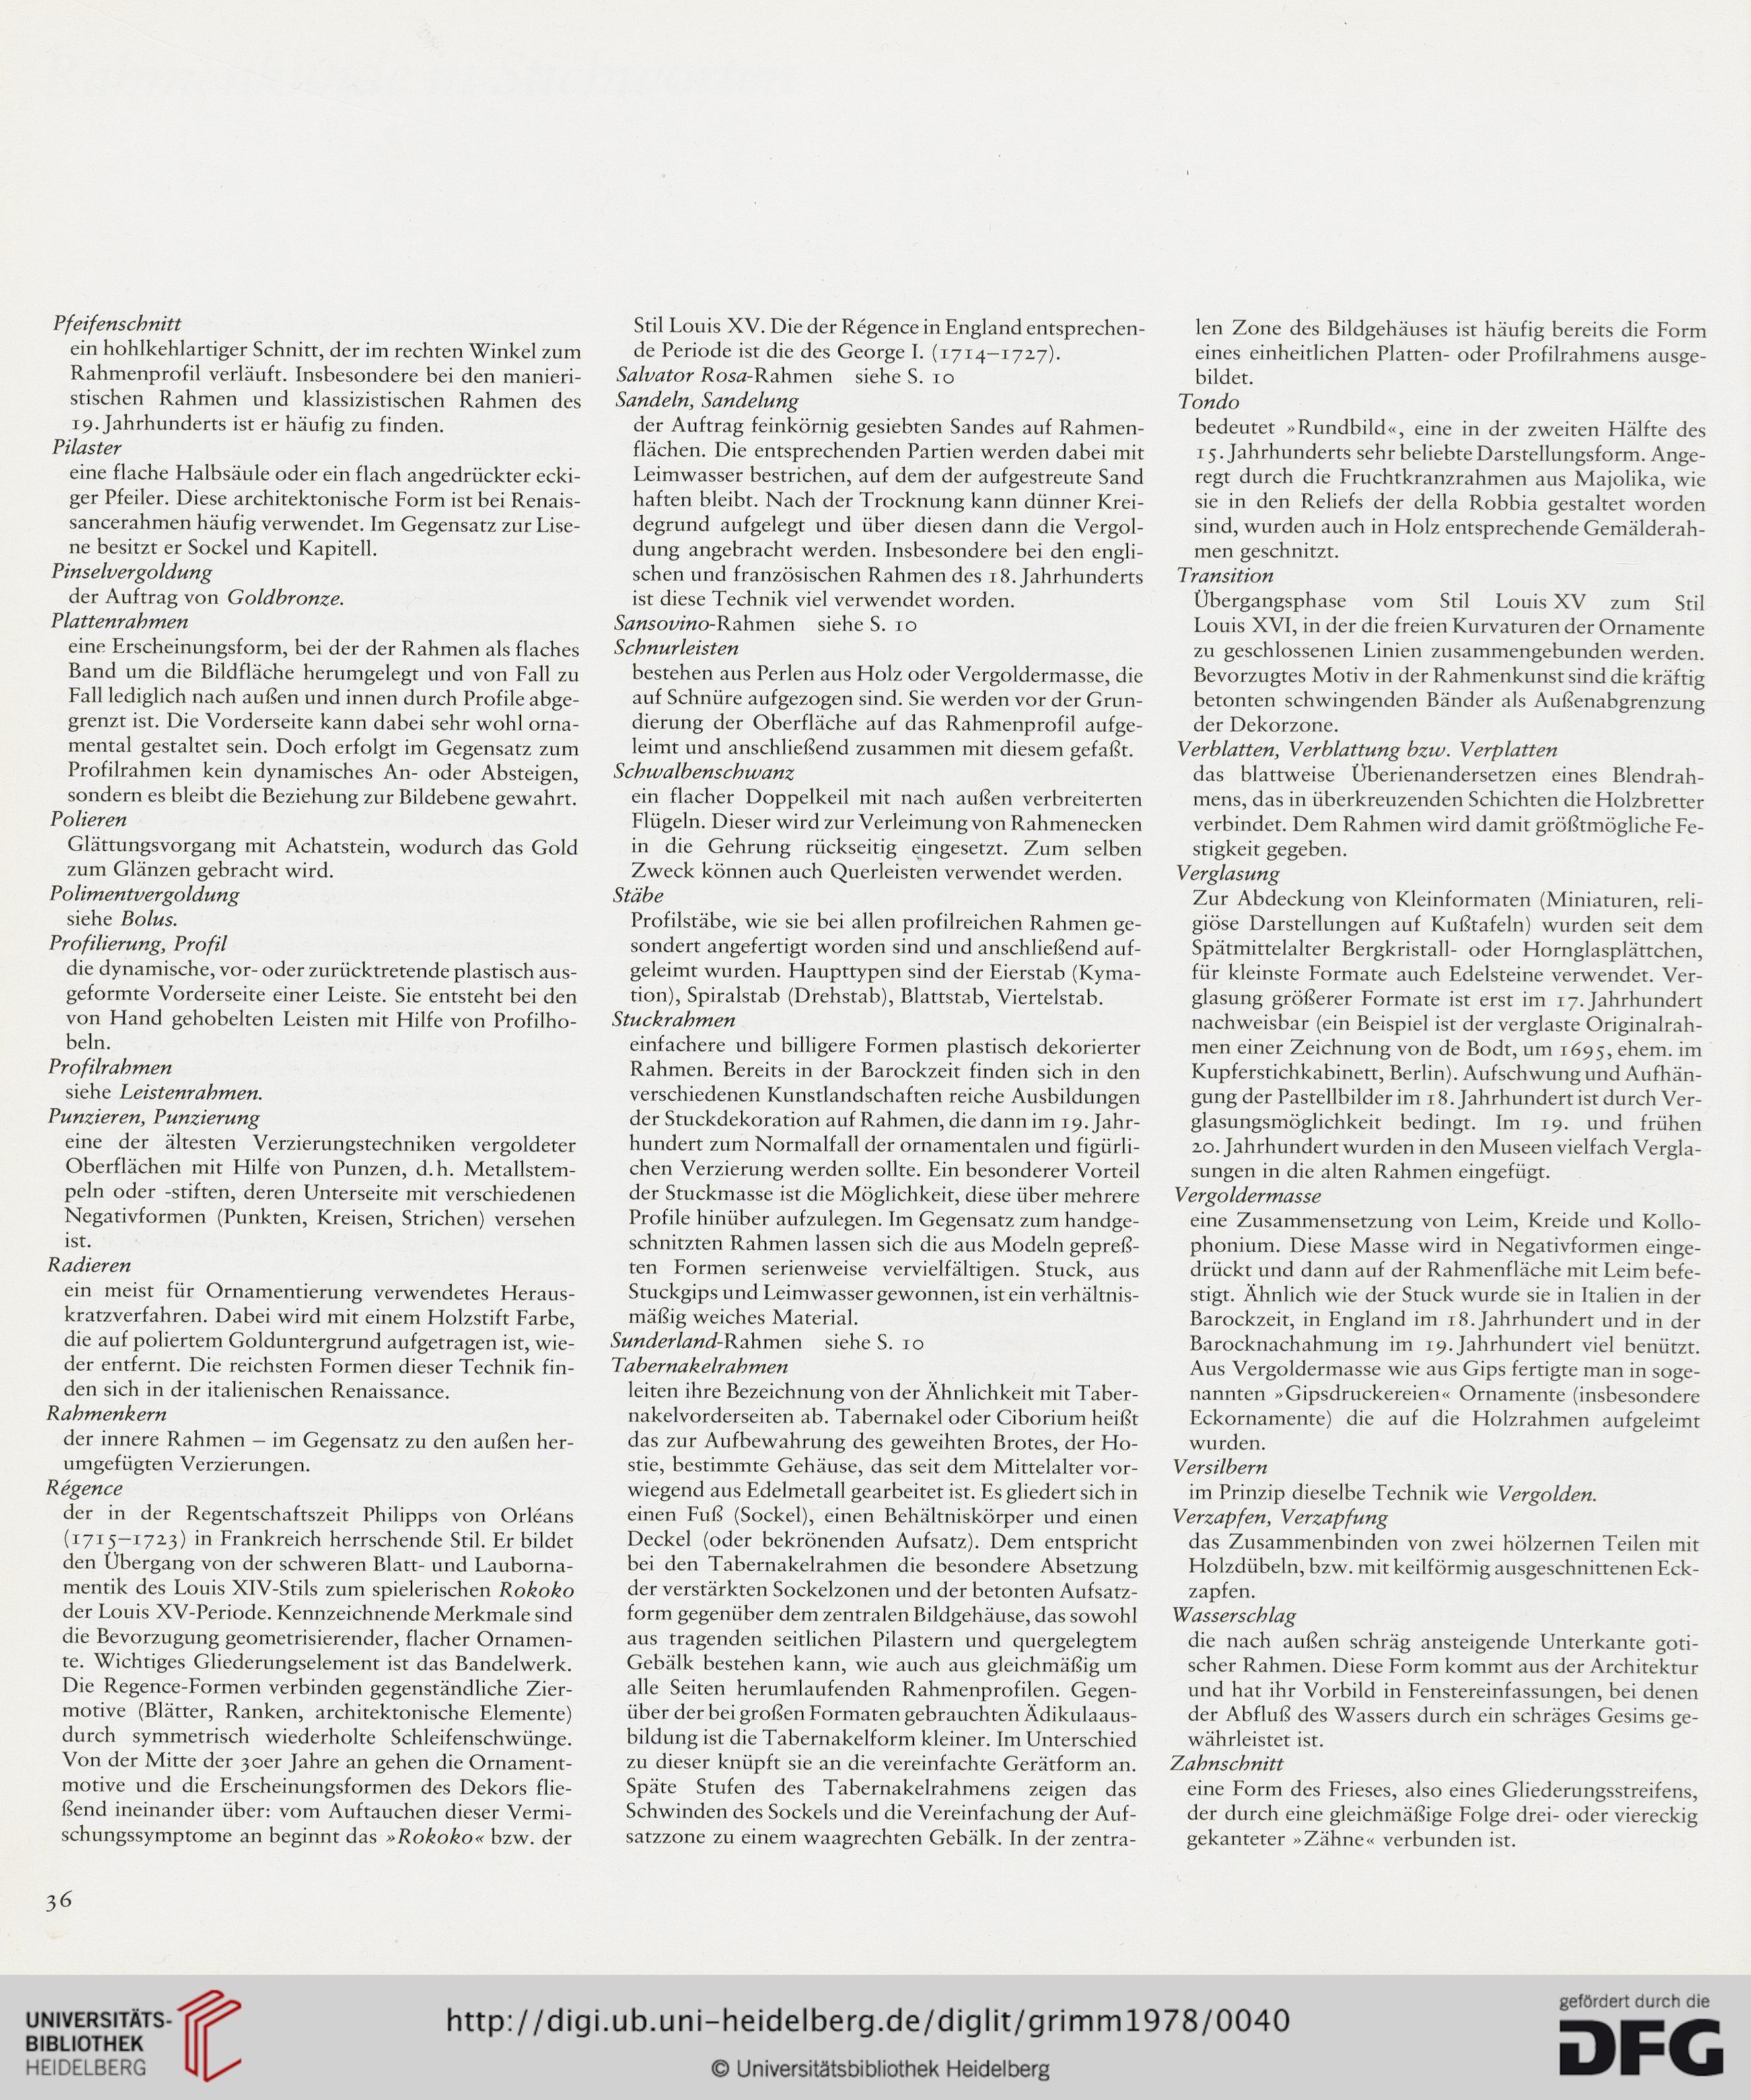 Grimm, Claus <Prof., Dr.>: Alte Bilderrahmen: Epochen, Typen ...